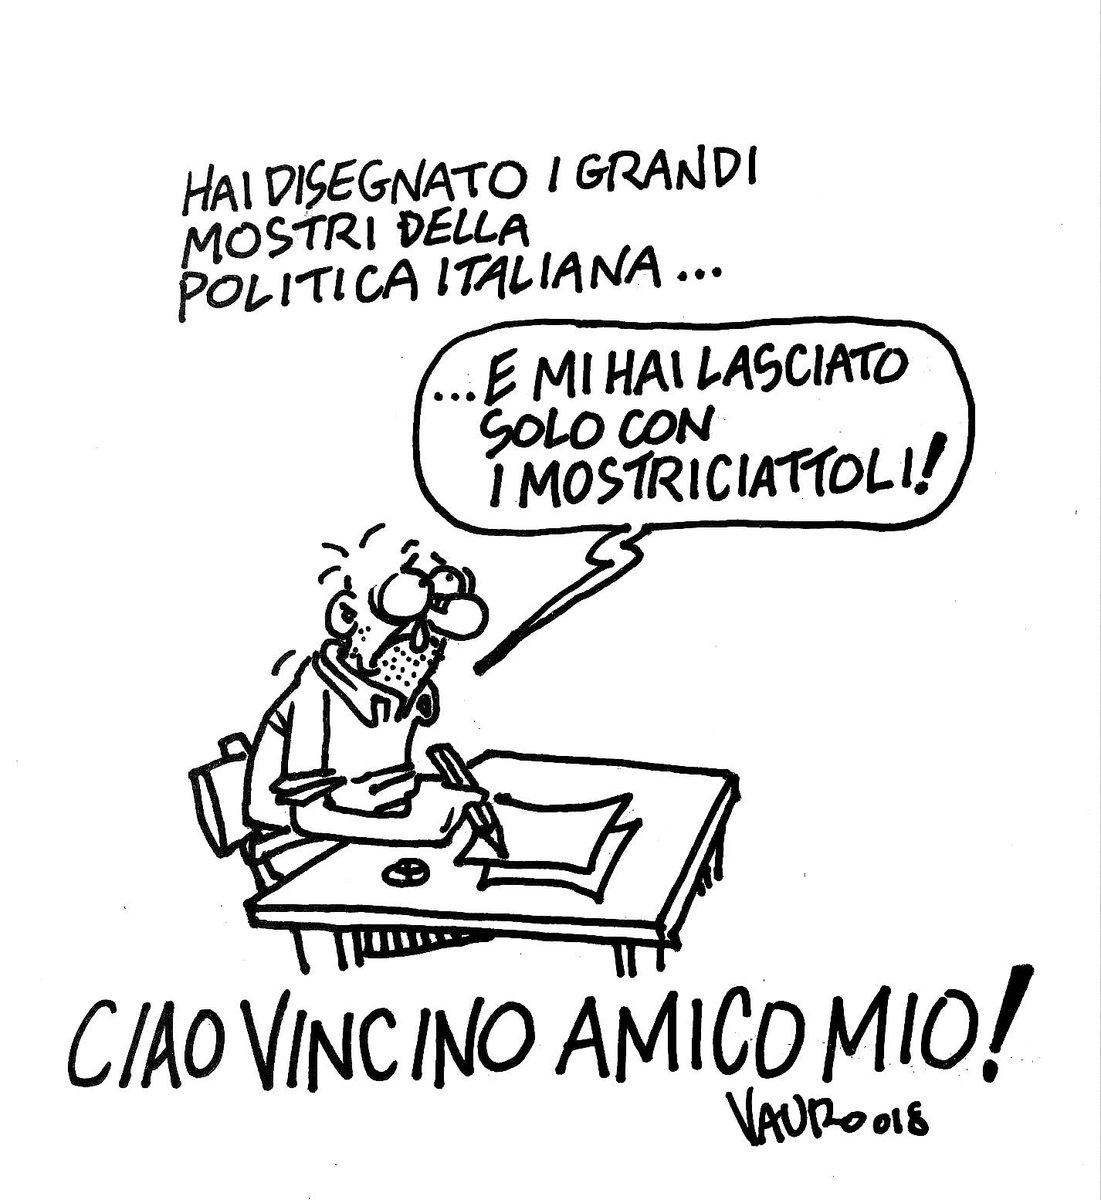 Addio a Vincino, vignettista satirico di mezzo secolo di politica italiana